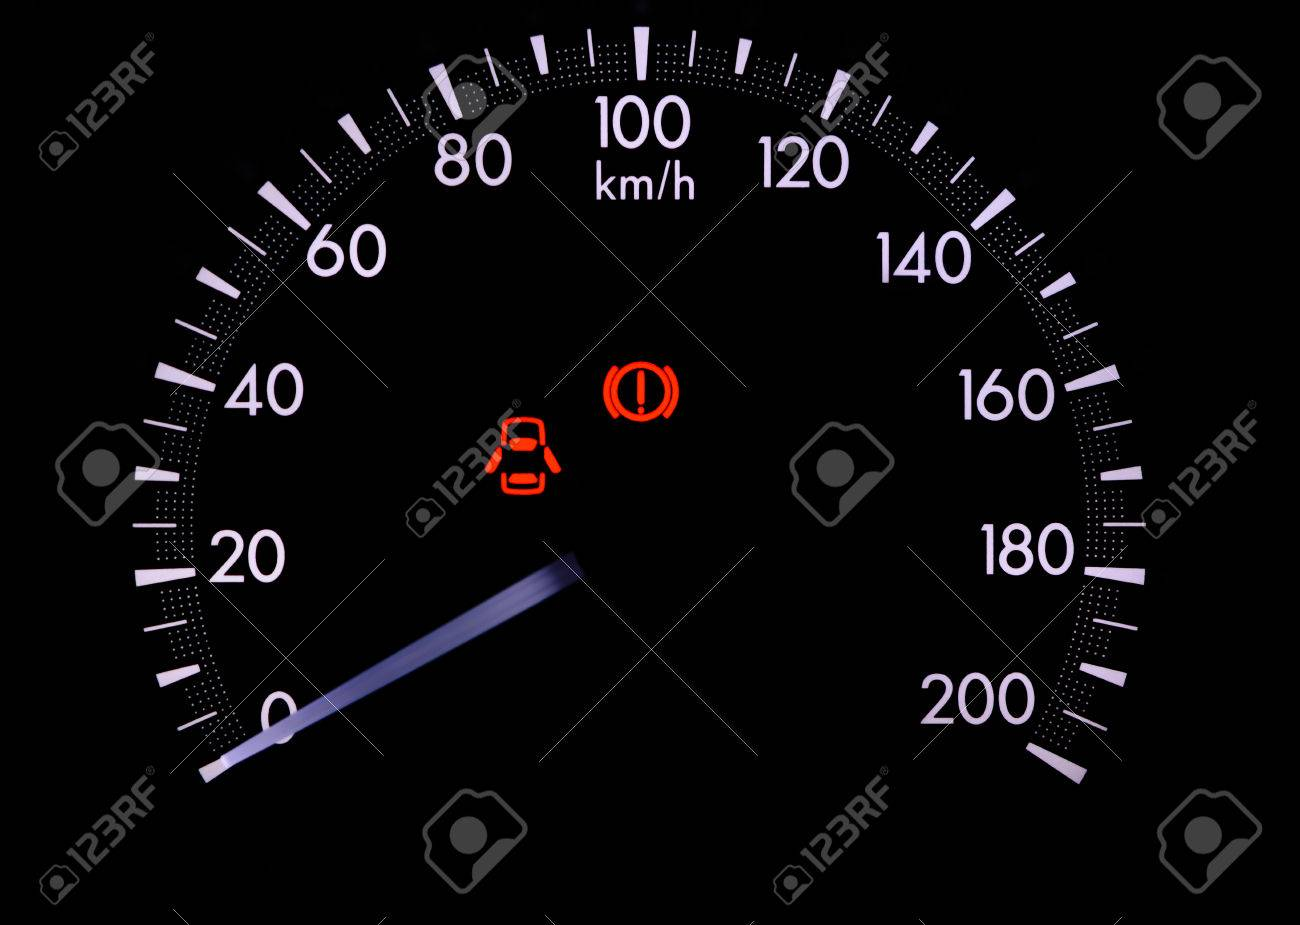 Armaturenbrett auto  Eine Warnleuchte Auf Dem Armaturenbrett Eines Autos Geben Sie Die ...